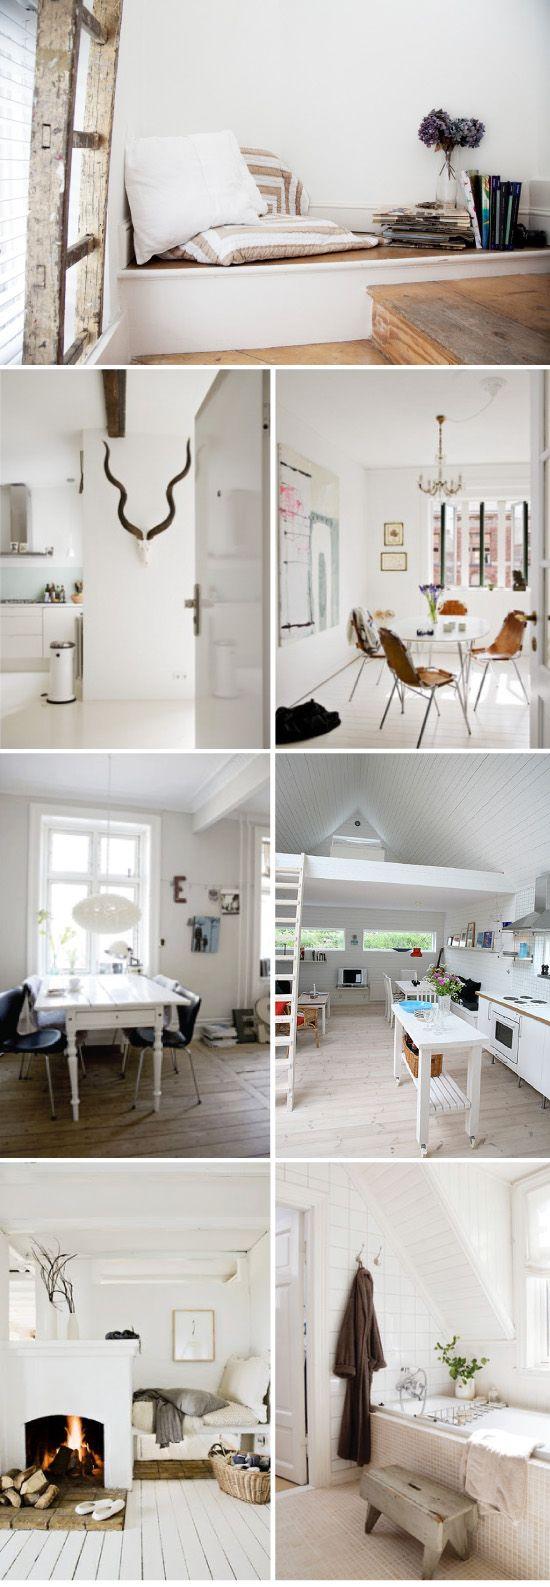 79 besten kachelofen bilder auf pinterest kamine kachelofen und innenarchitektur. Black Bedroom Furniture Sets. Home Design Ideas